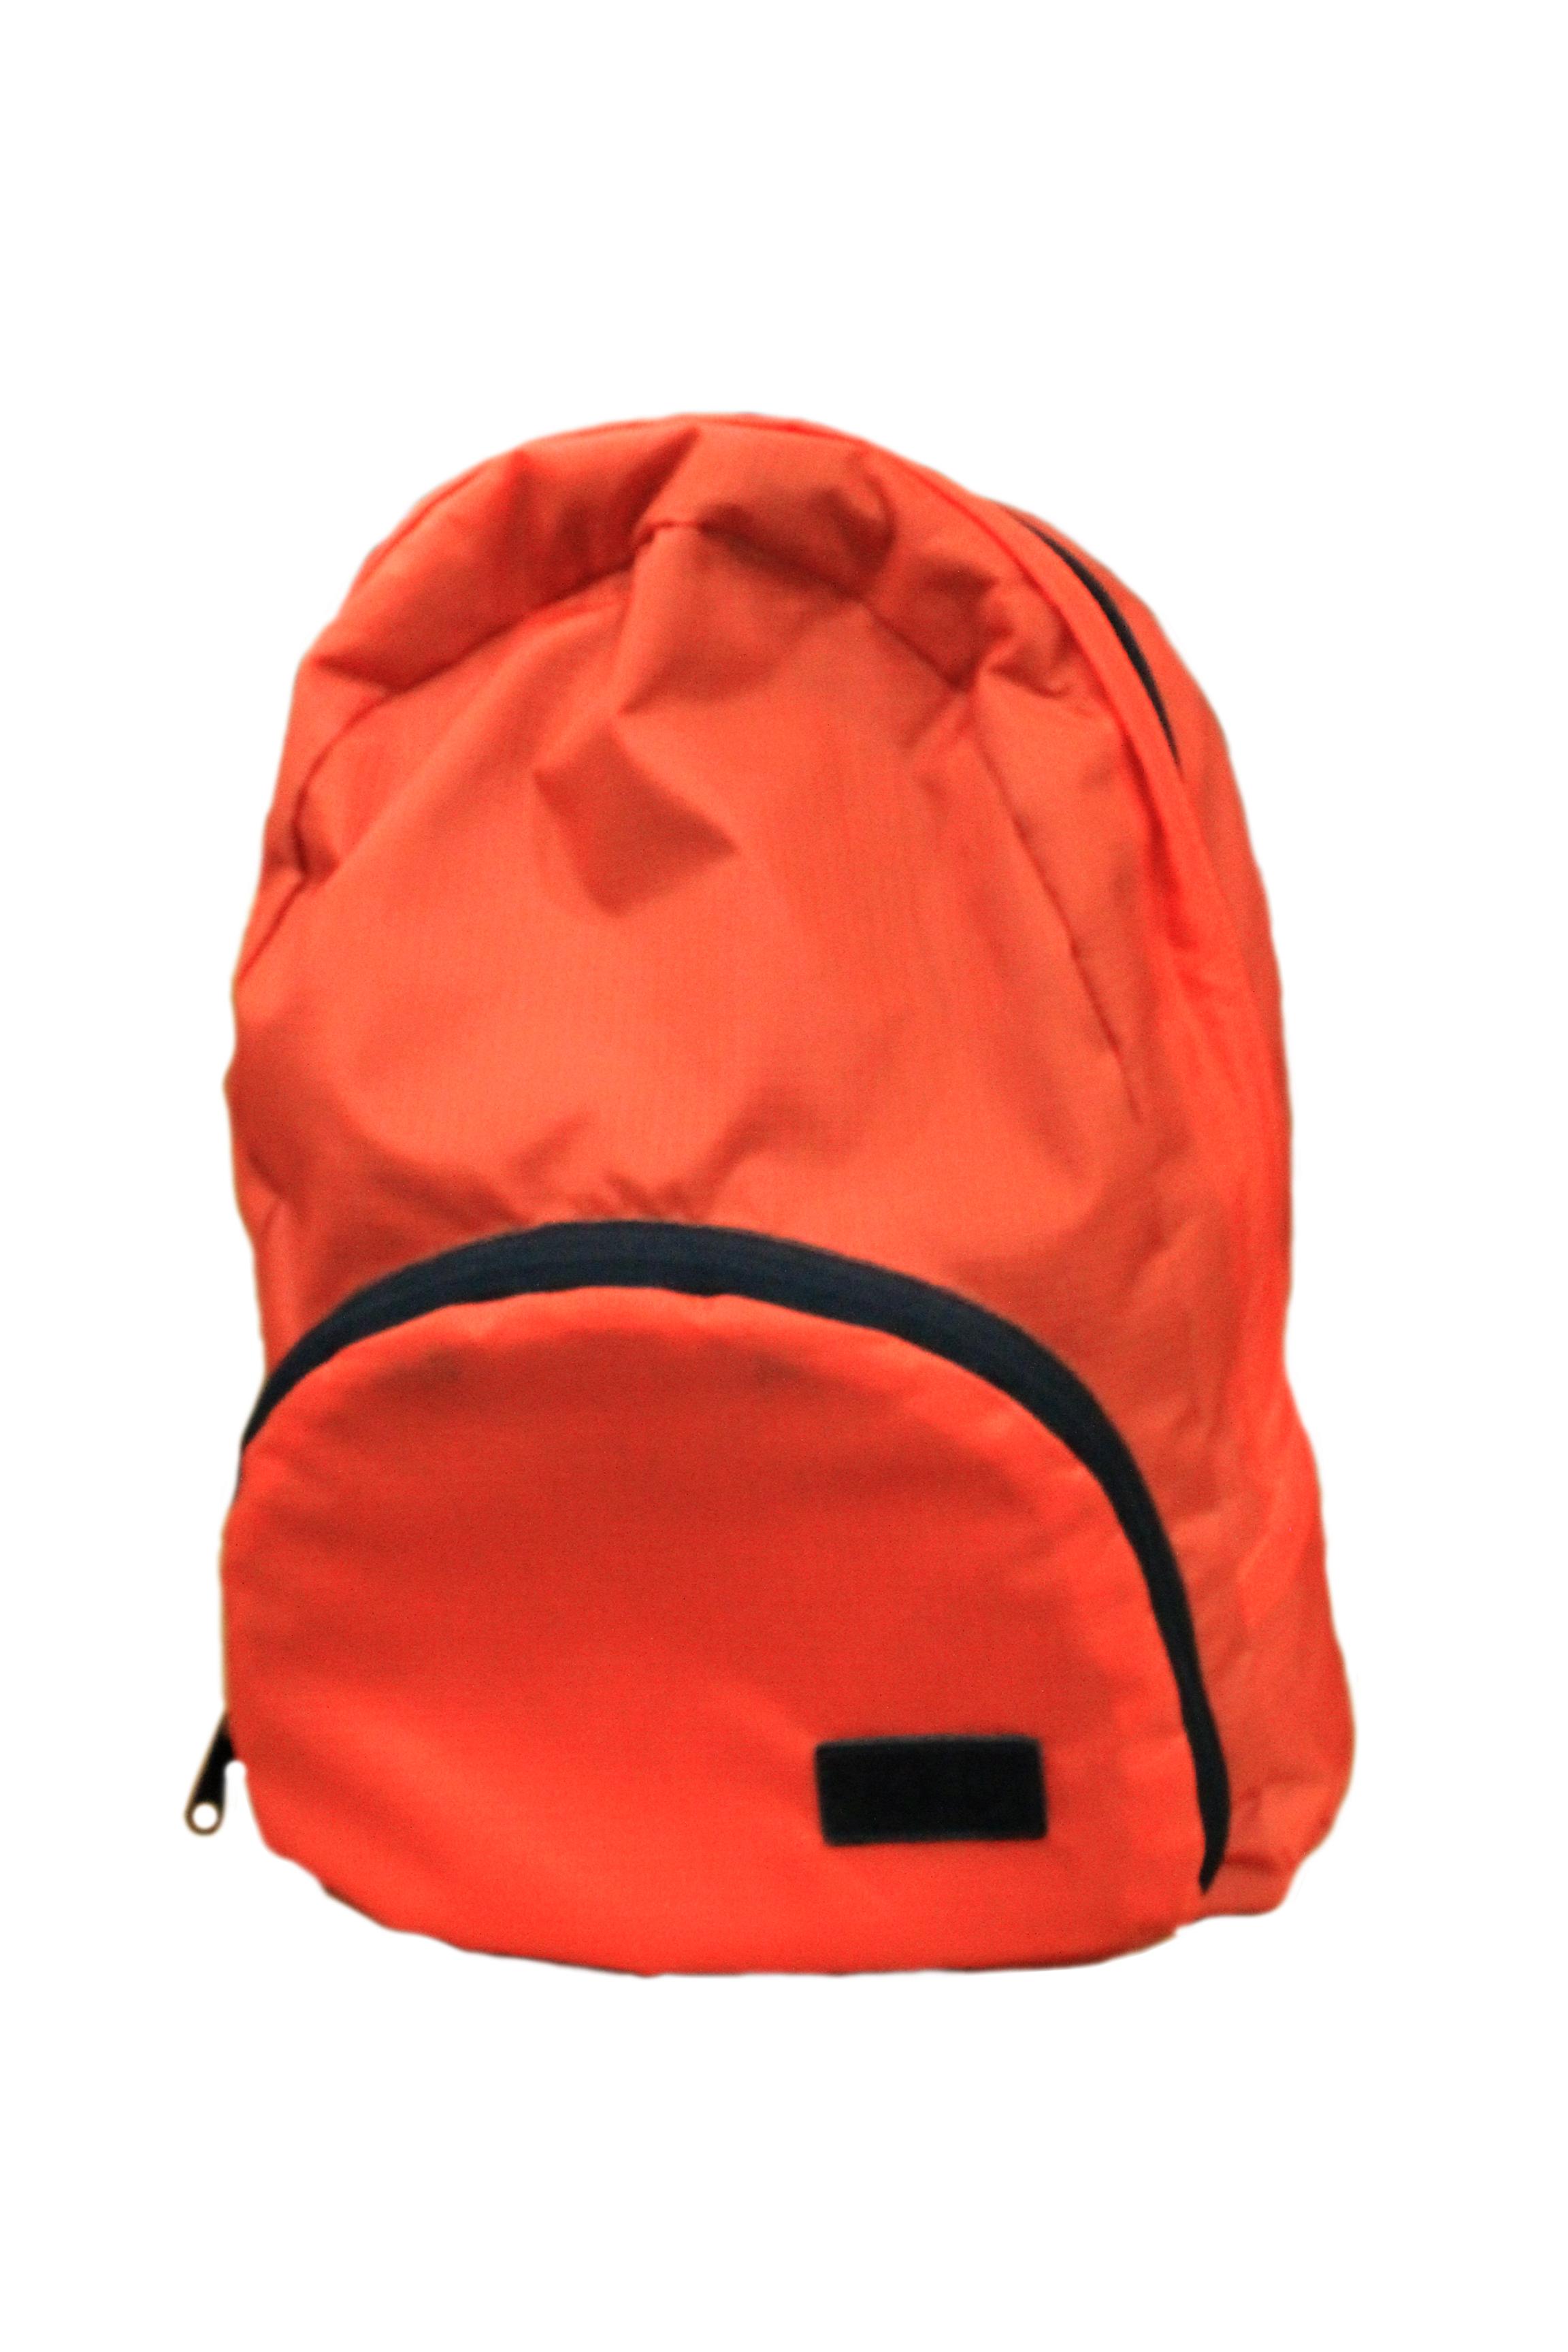 กระเป๋าเป้พับได้ สีแสด